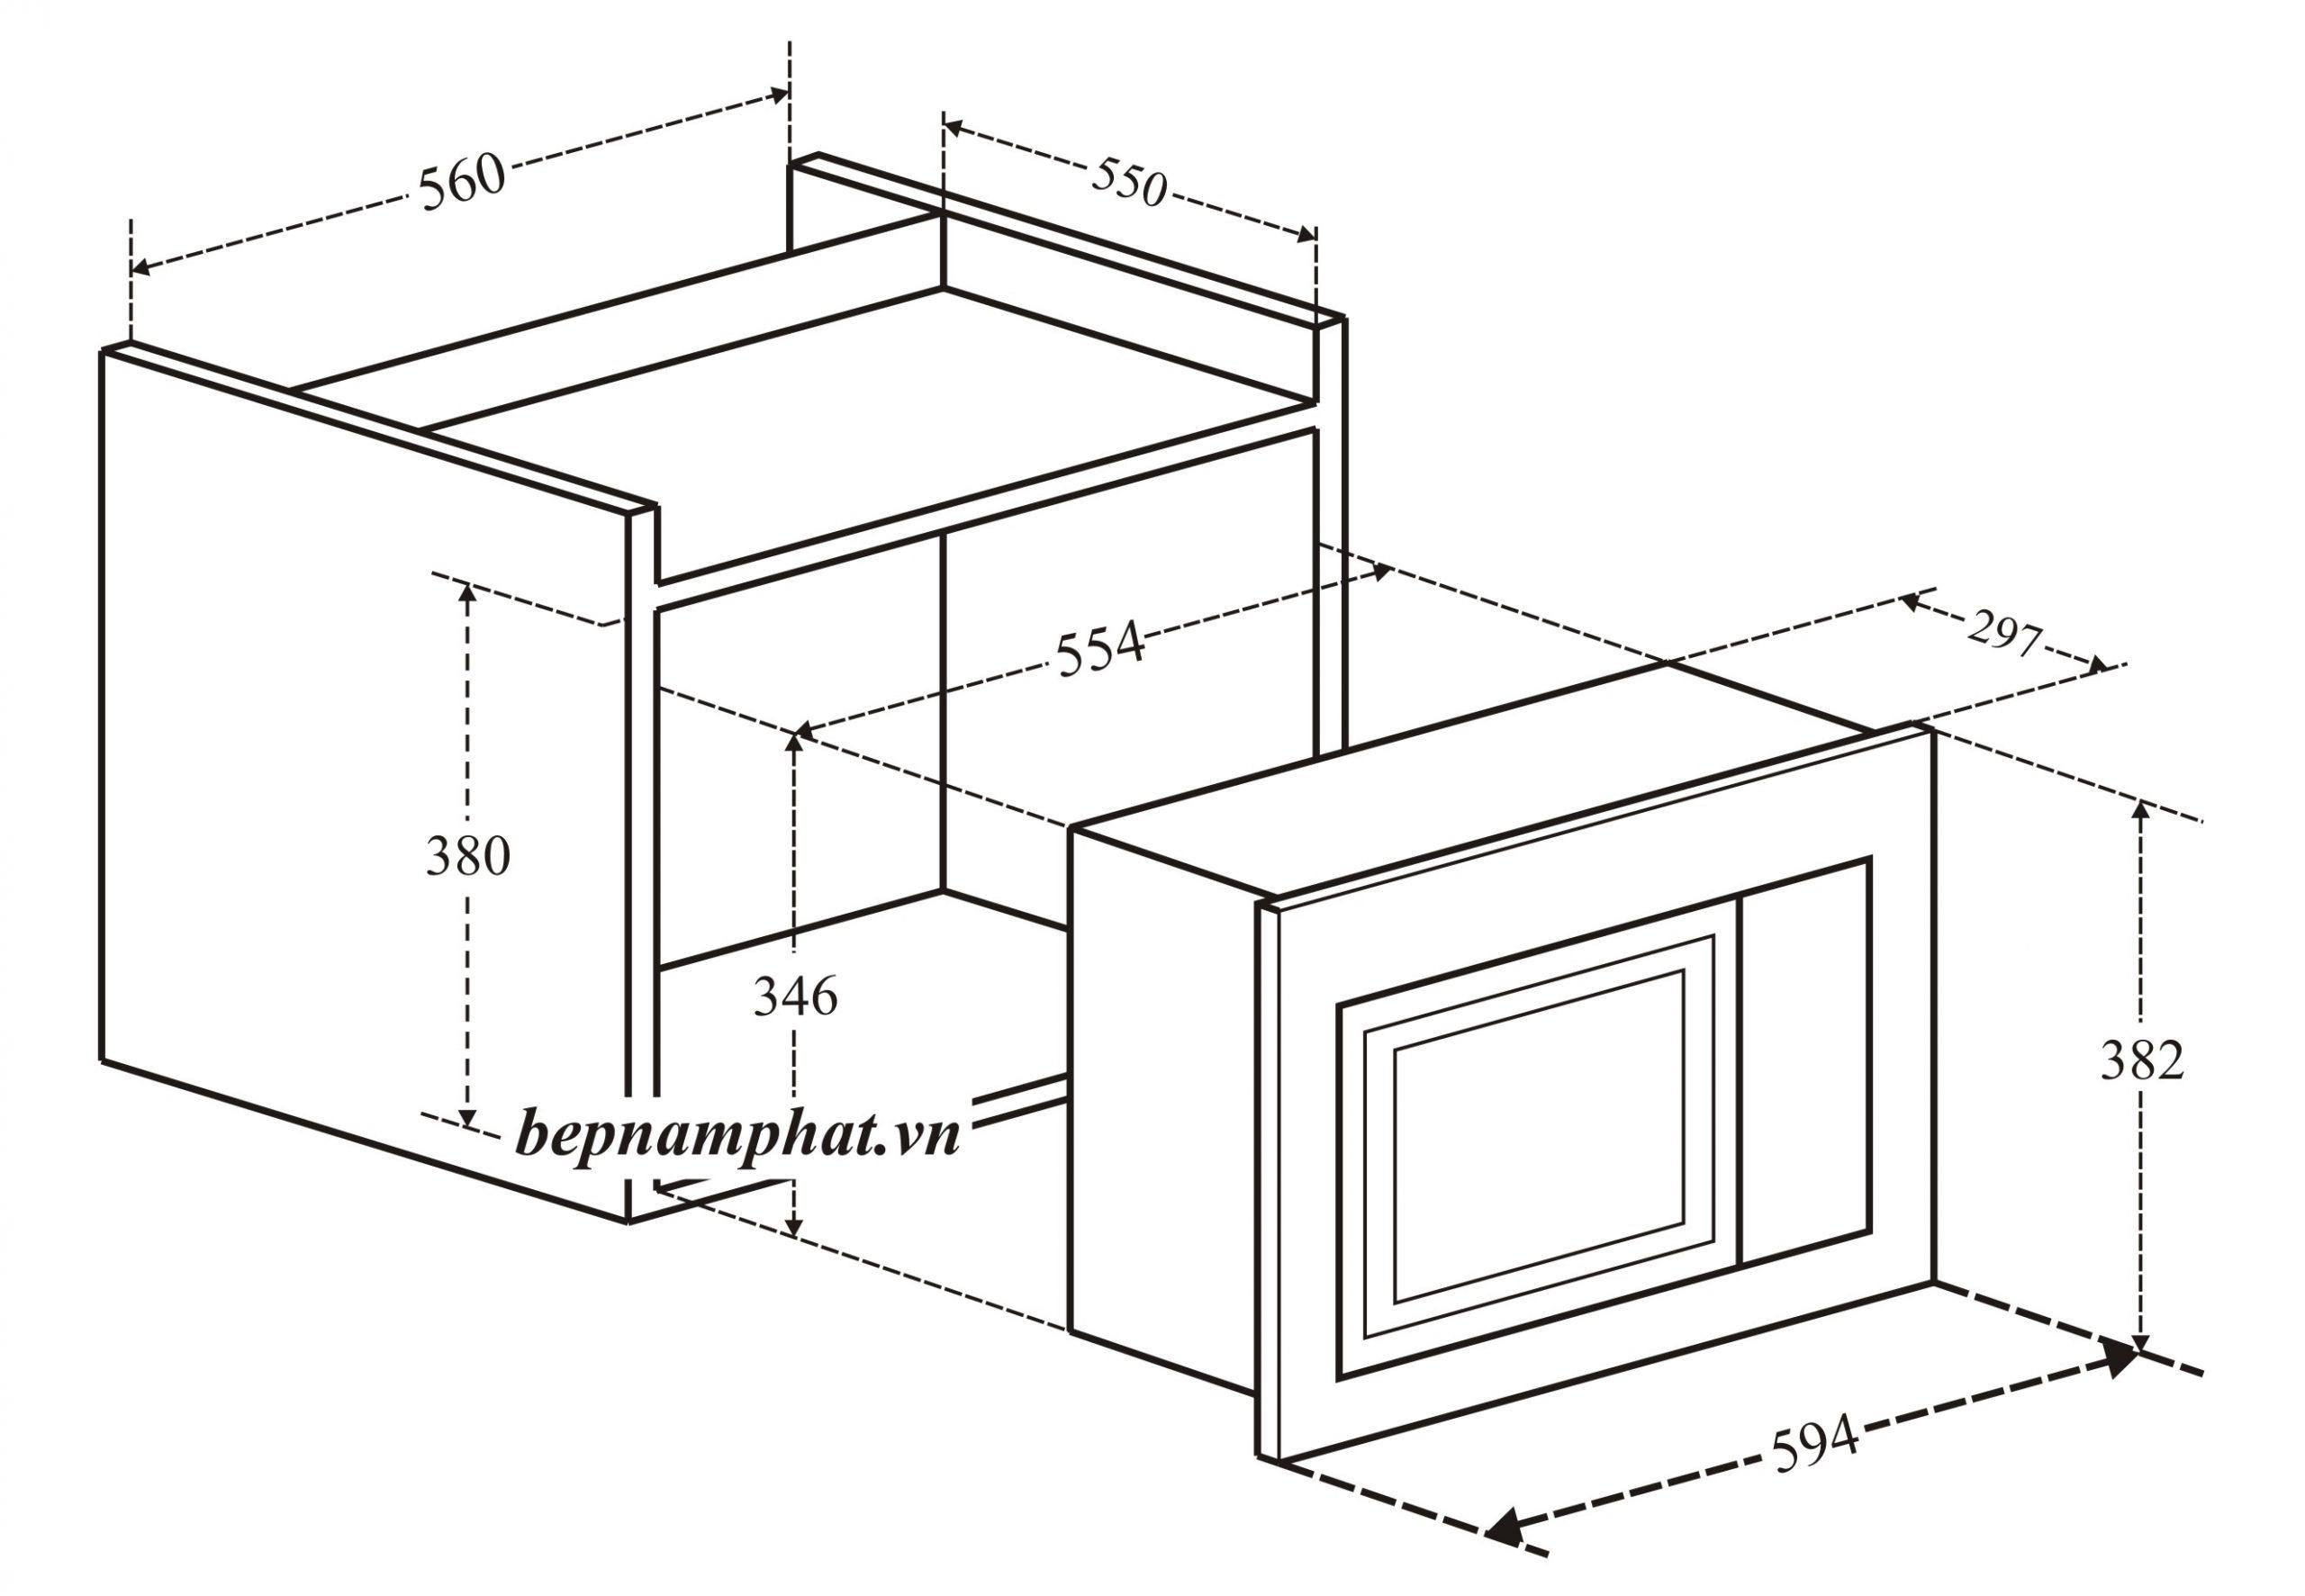 Lò vi sóng Bosch BEL554MS0B, lò vi sóng, lo vi song, lò vi sóng Bosch, lò vi sóng Bosch giá rẻ, lò vi sóng Bosch giá rẻ tại TPHCM, lò vi sóng giá rẻ, lò viba, lò vi sóng giá rẻ, lò vi sóng âm tủ